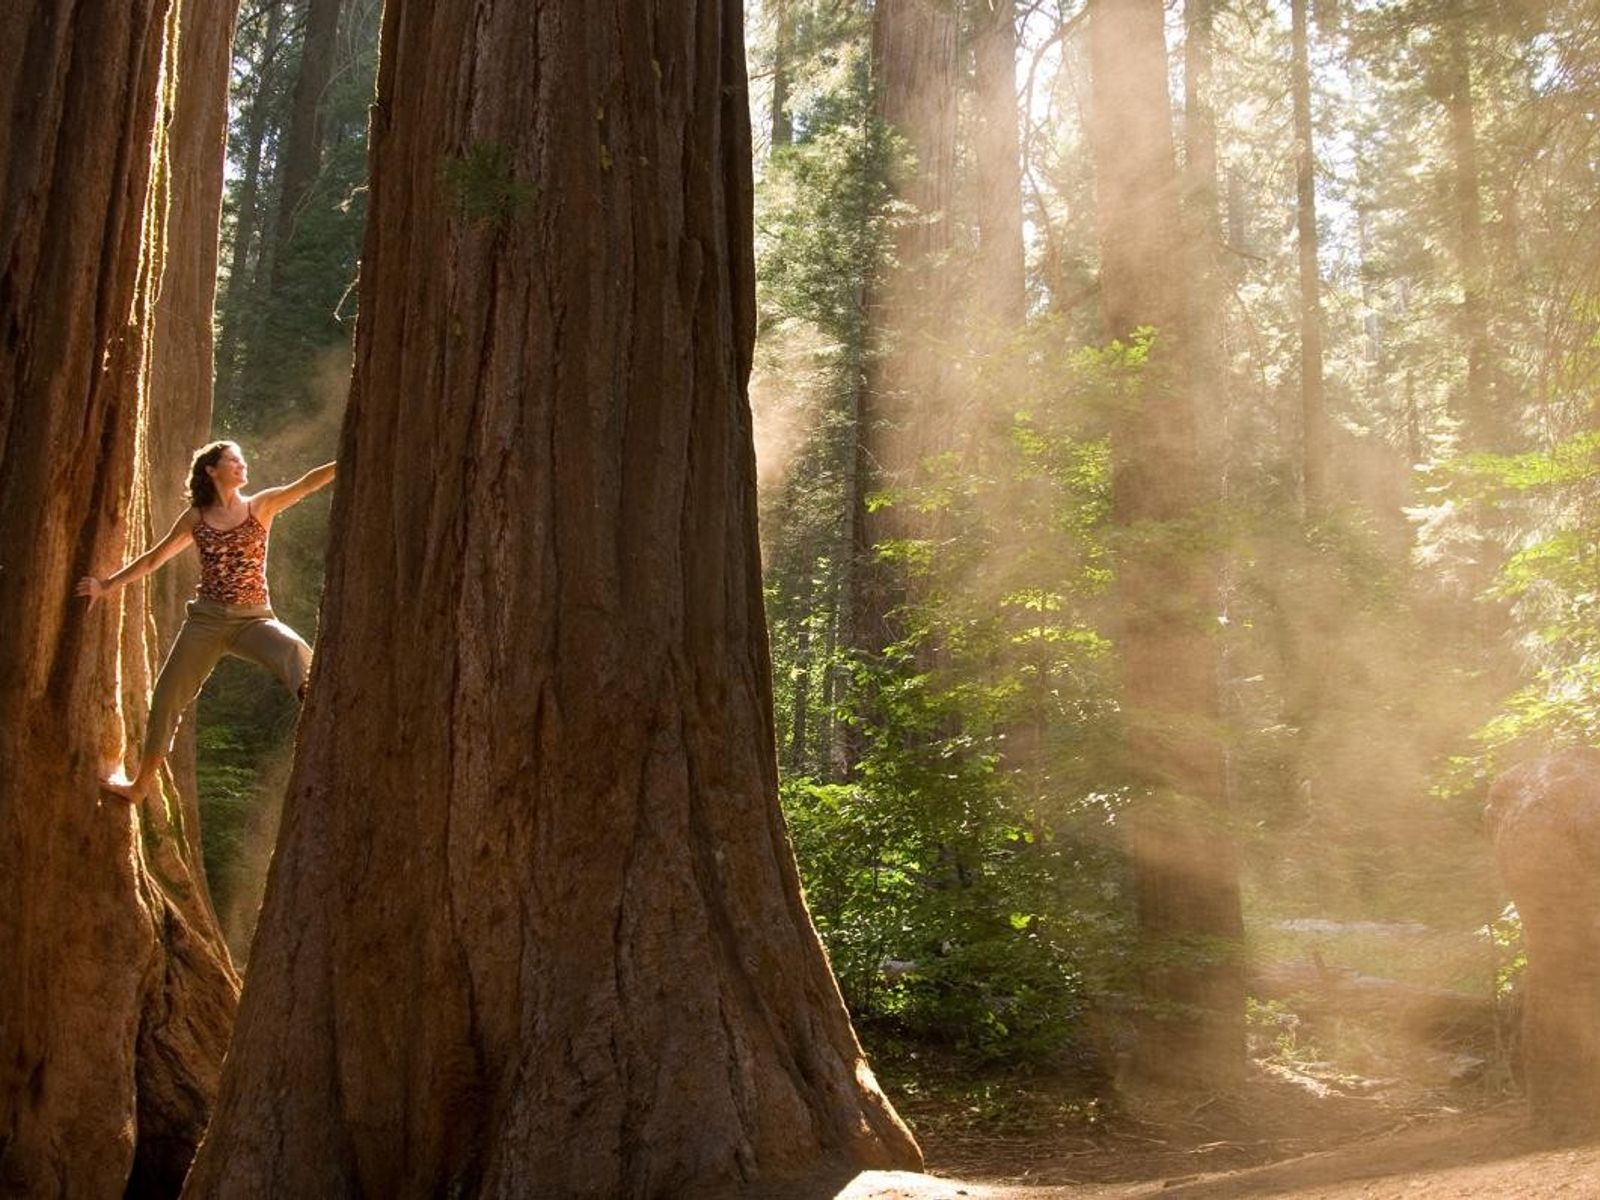 Eine Frau klettert auf einen Baum